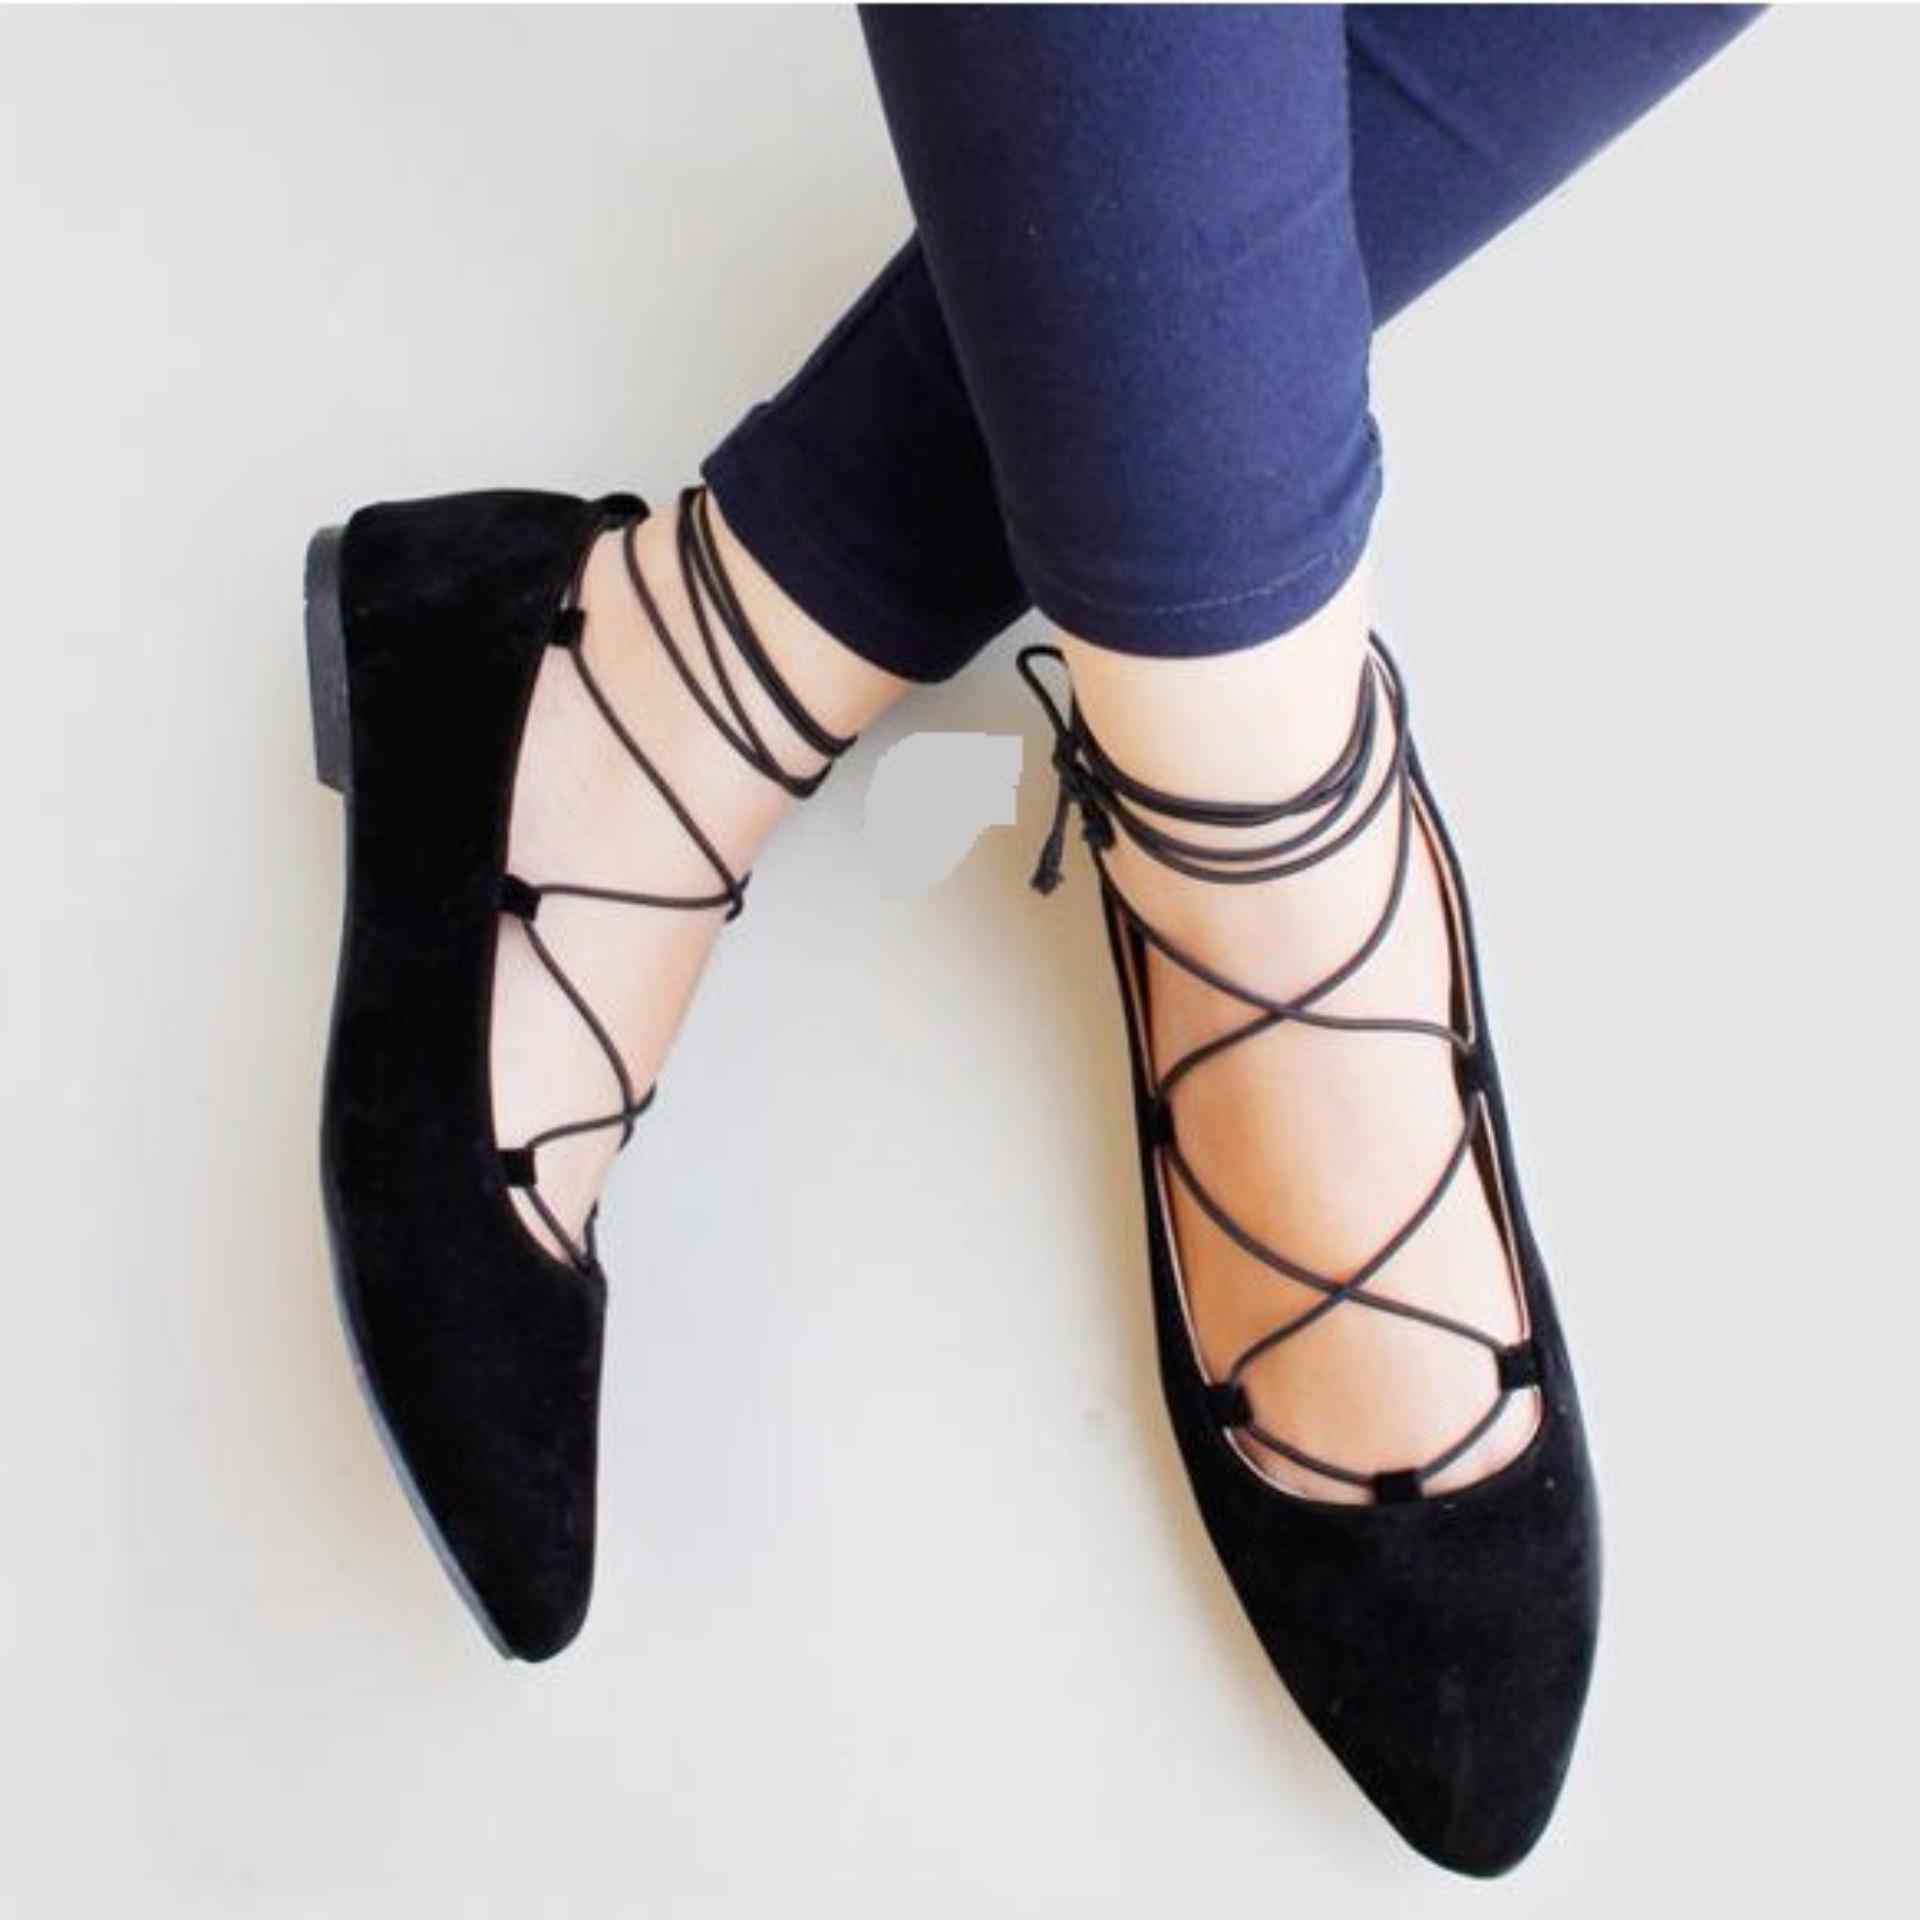 Flatshoes Balerina Hitam Daftar Harga Terkini Dan Terlengkap Pasar Amazara Delia Black 36